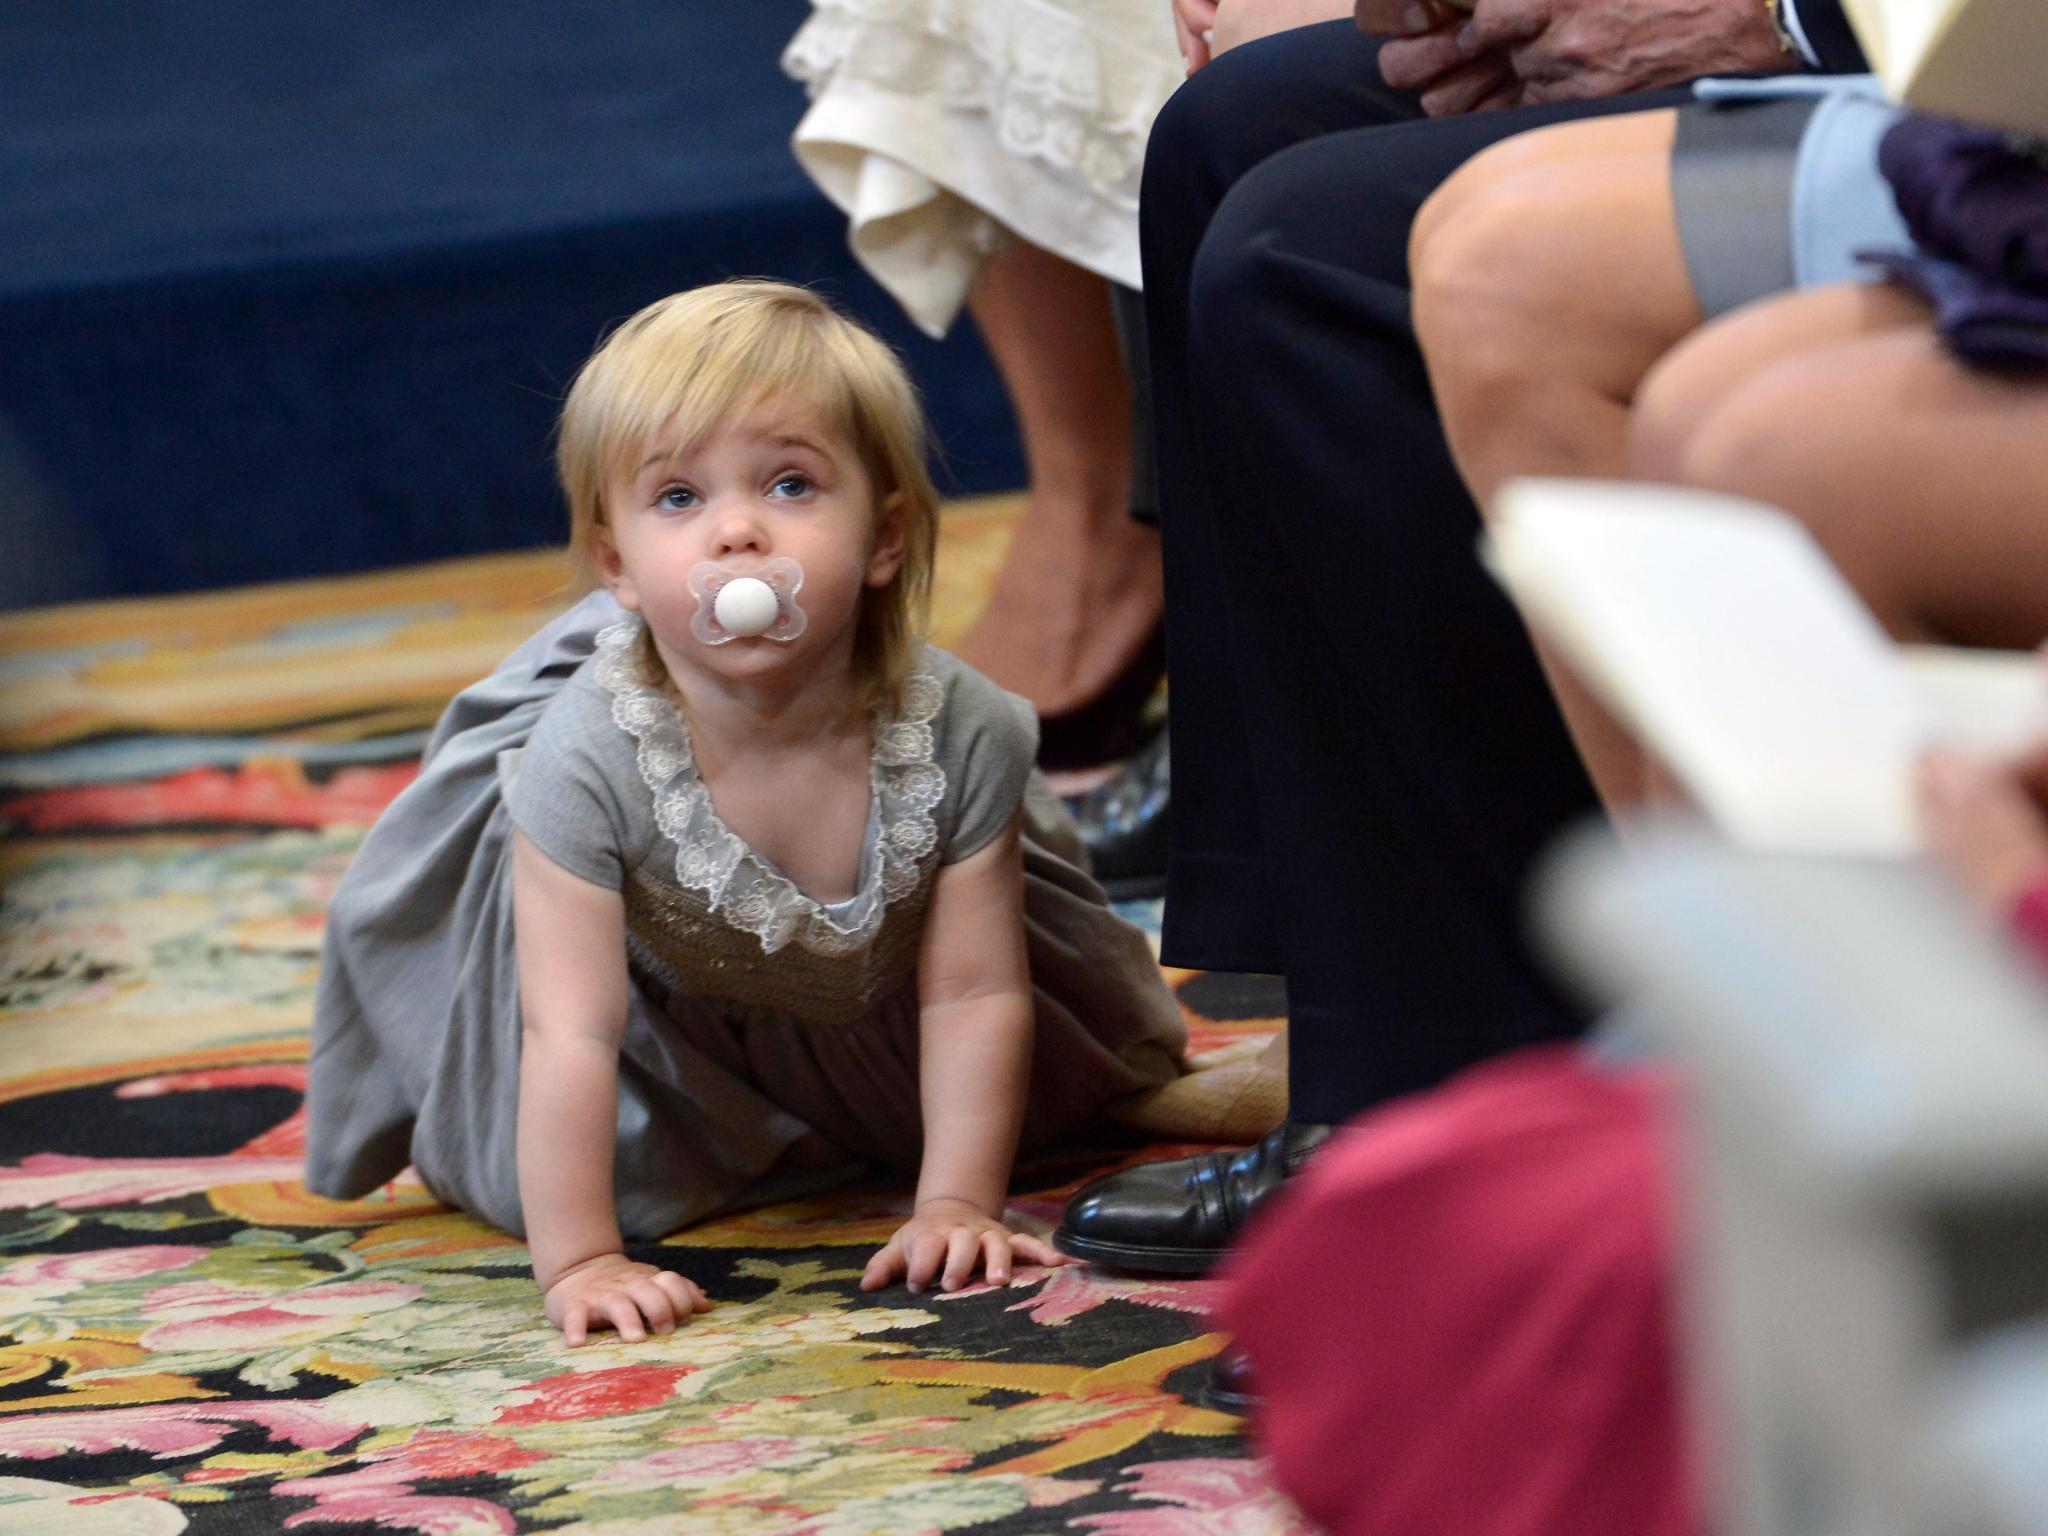 Heute steht ihr Bruder im Mittelpunkt. Aber Prinzessin Leonore nimmt es gelassen und erkundet lieber die Kirche.